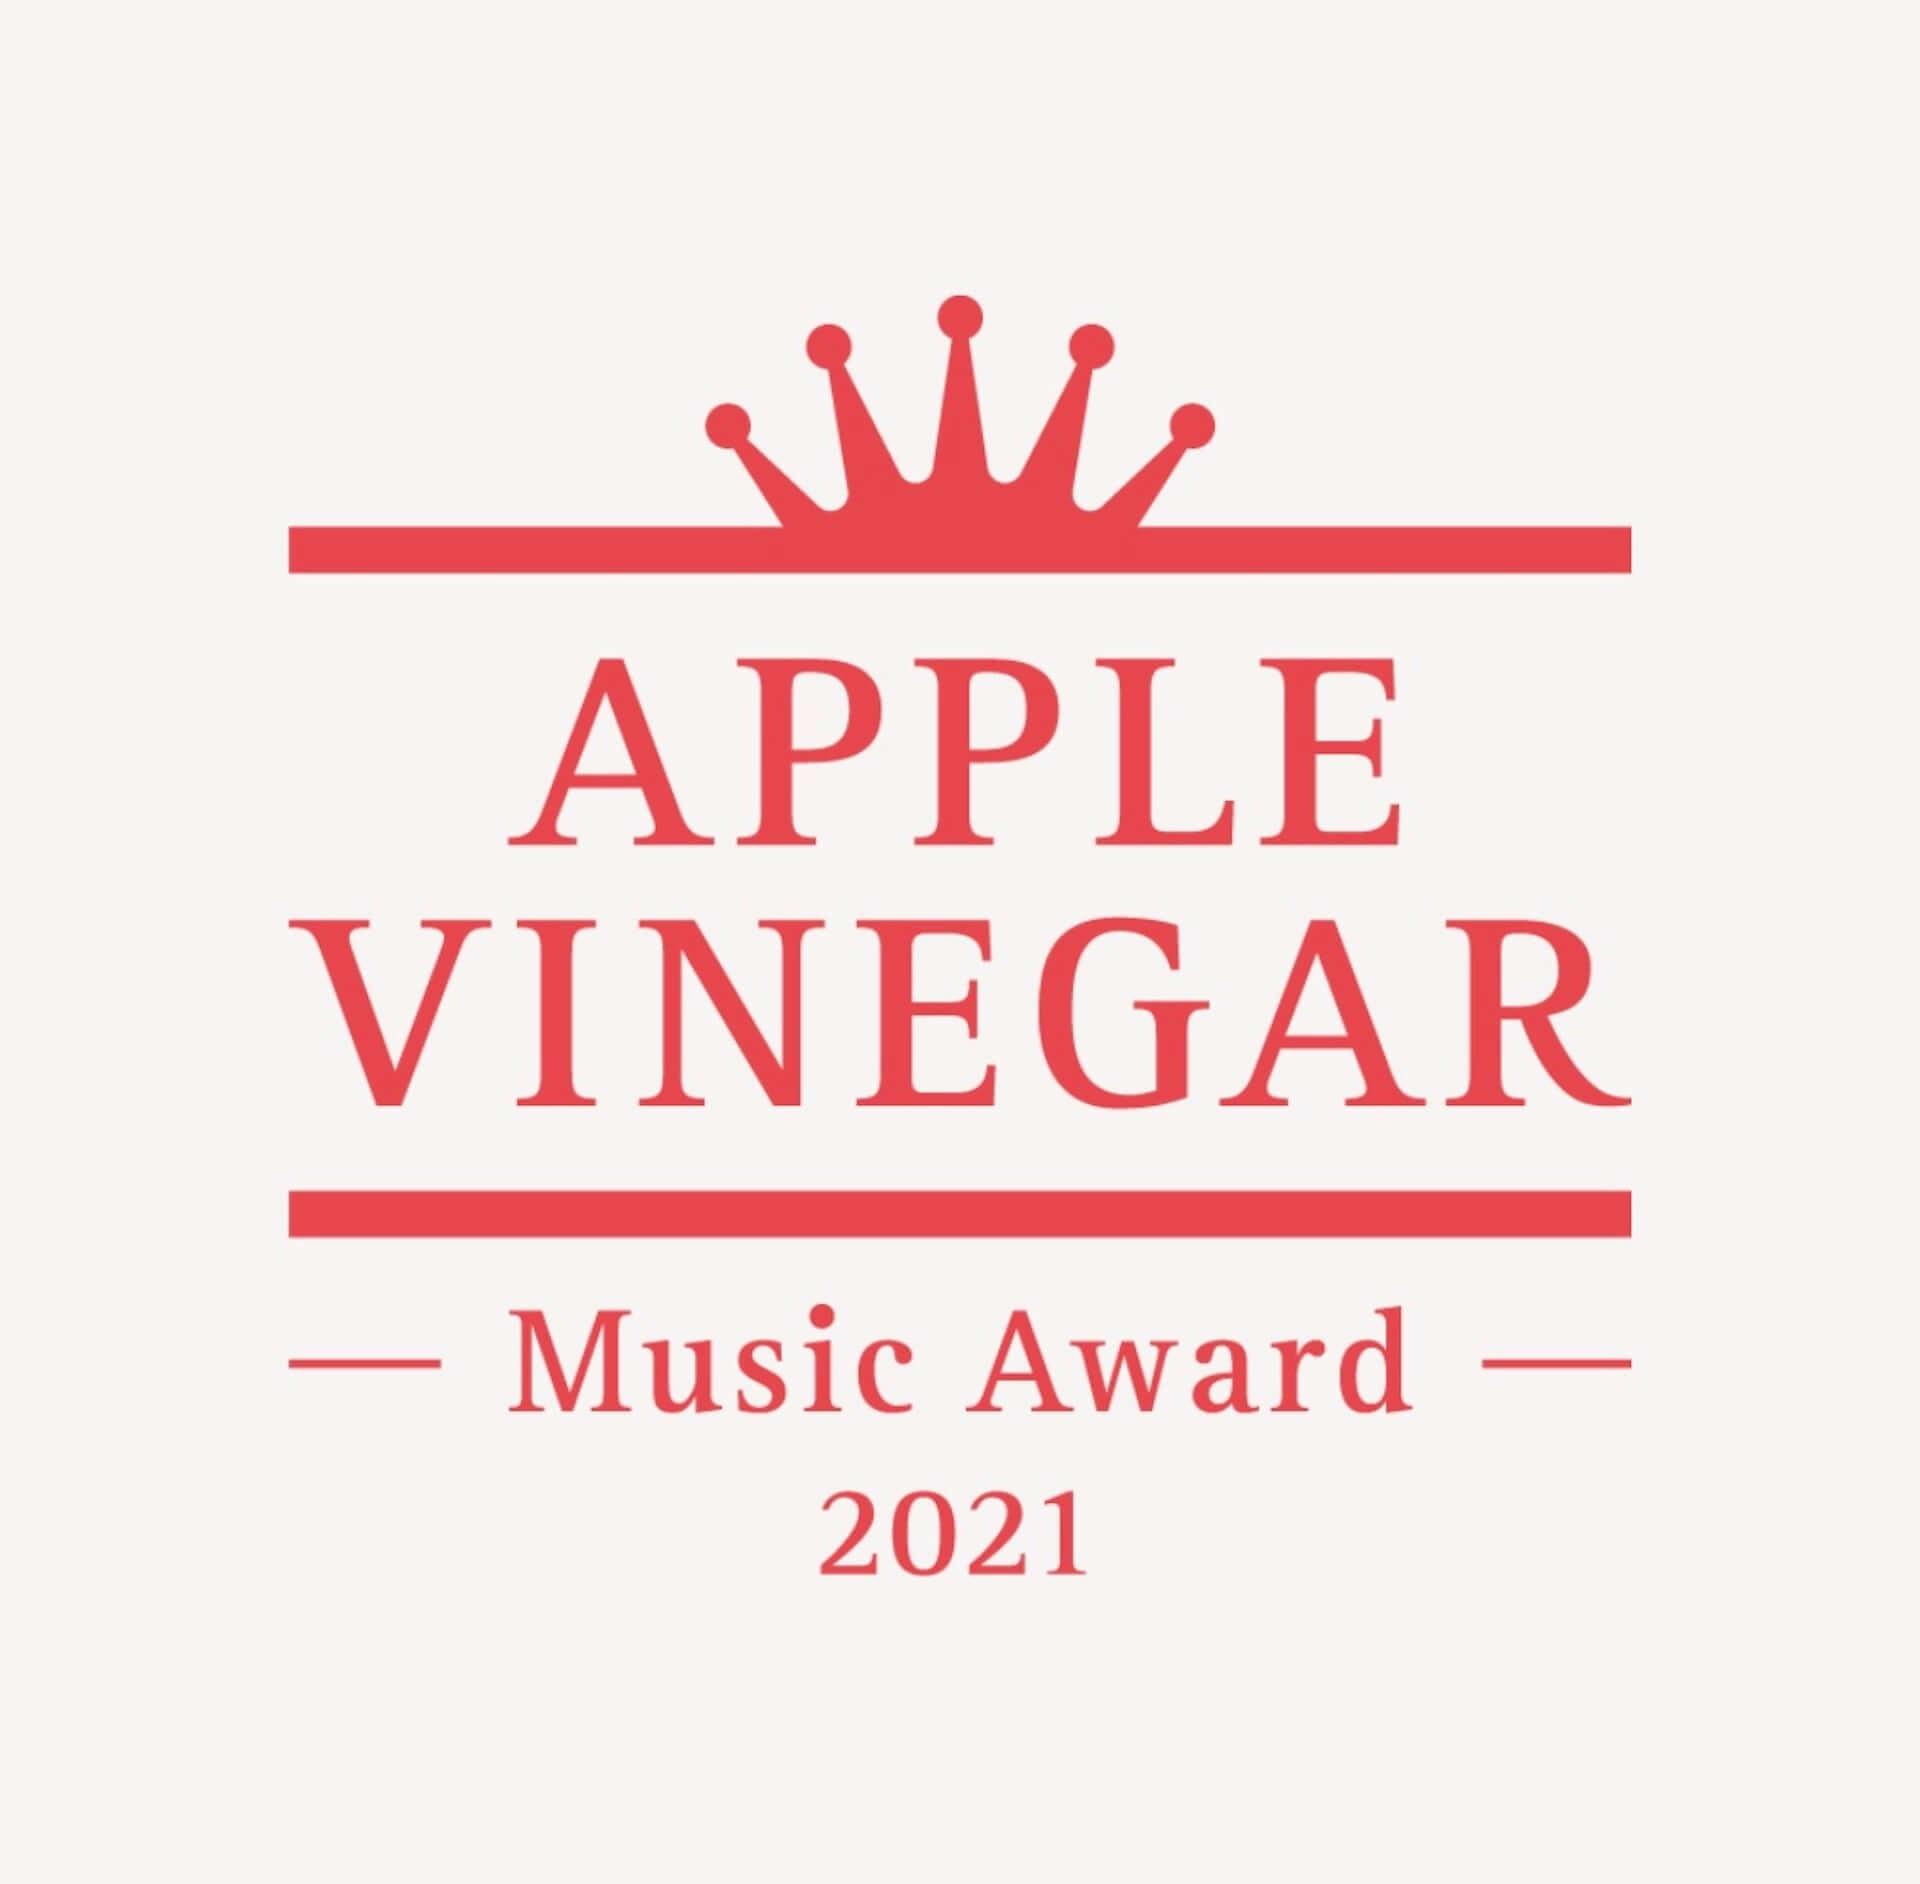 後藤正文による「APPLE VINEGAR -Music Award-」第4回ノミネート作品が発表!BIM、Green Assassin Dollar、角銅真実ら10組 music210210_applevinegar_2-1920x1884